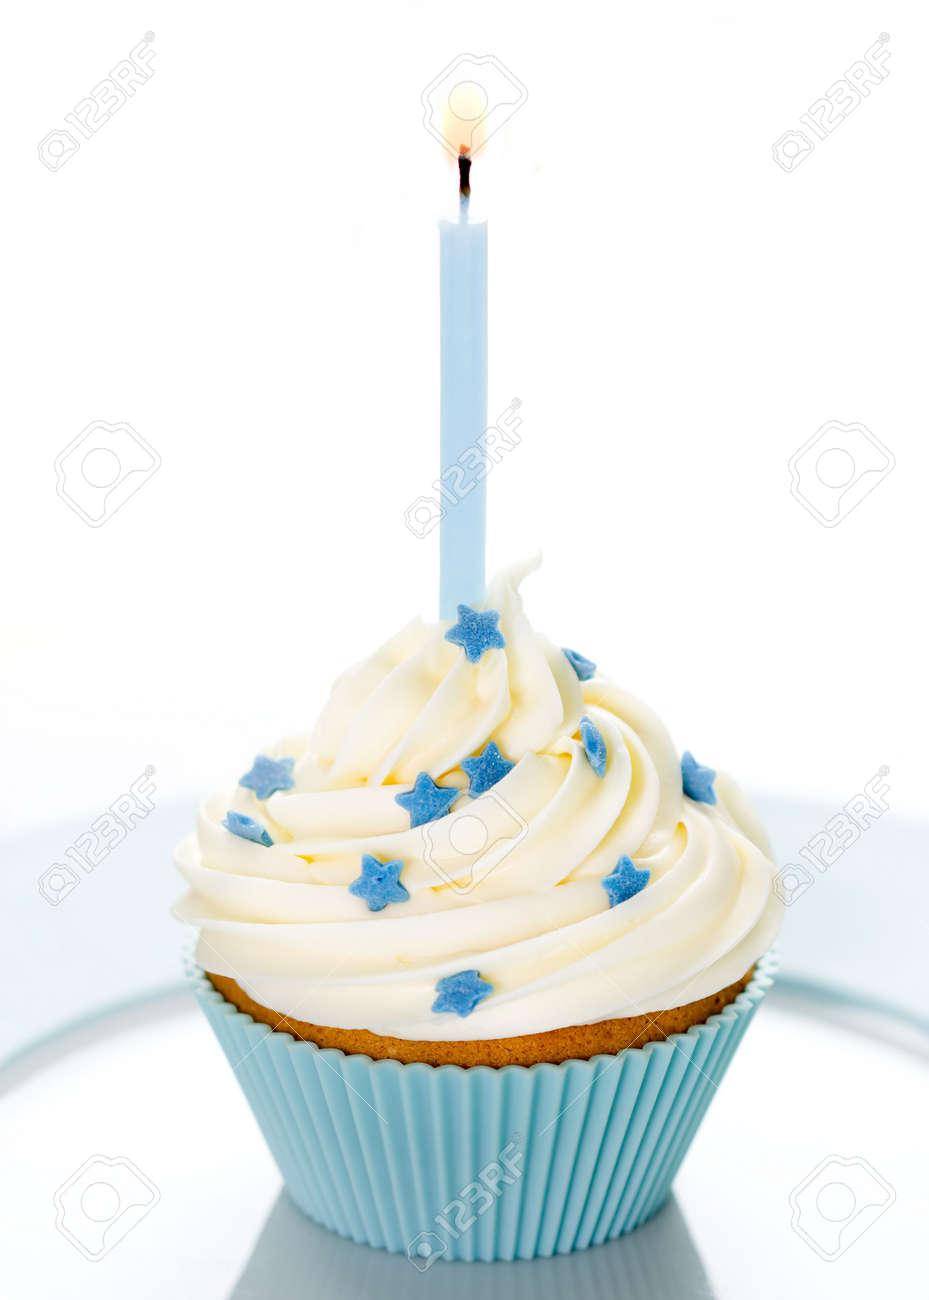 Blue Cupcake Geburtstag Auf Einem Weissen Teller Lizenzfreie Fotos